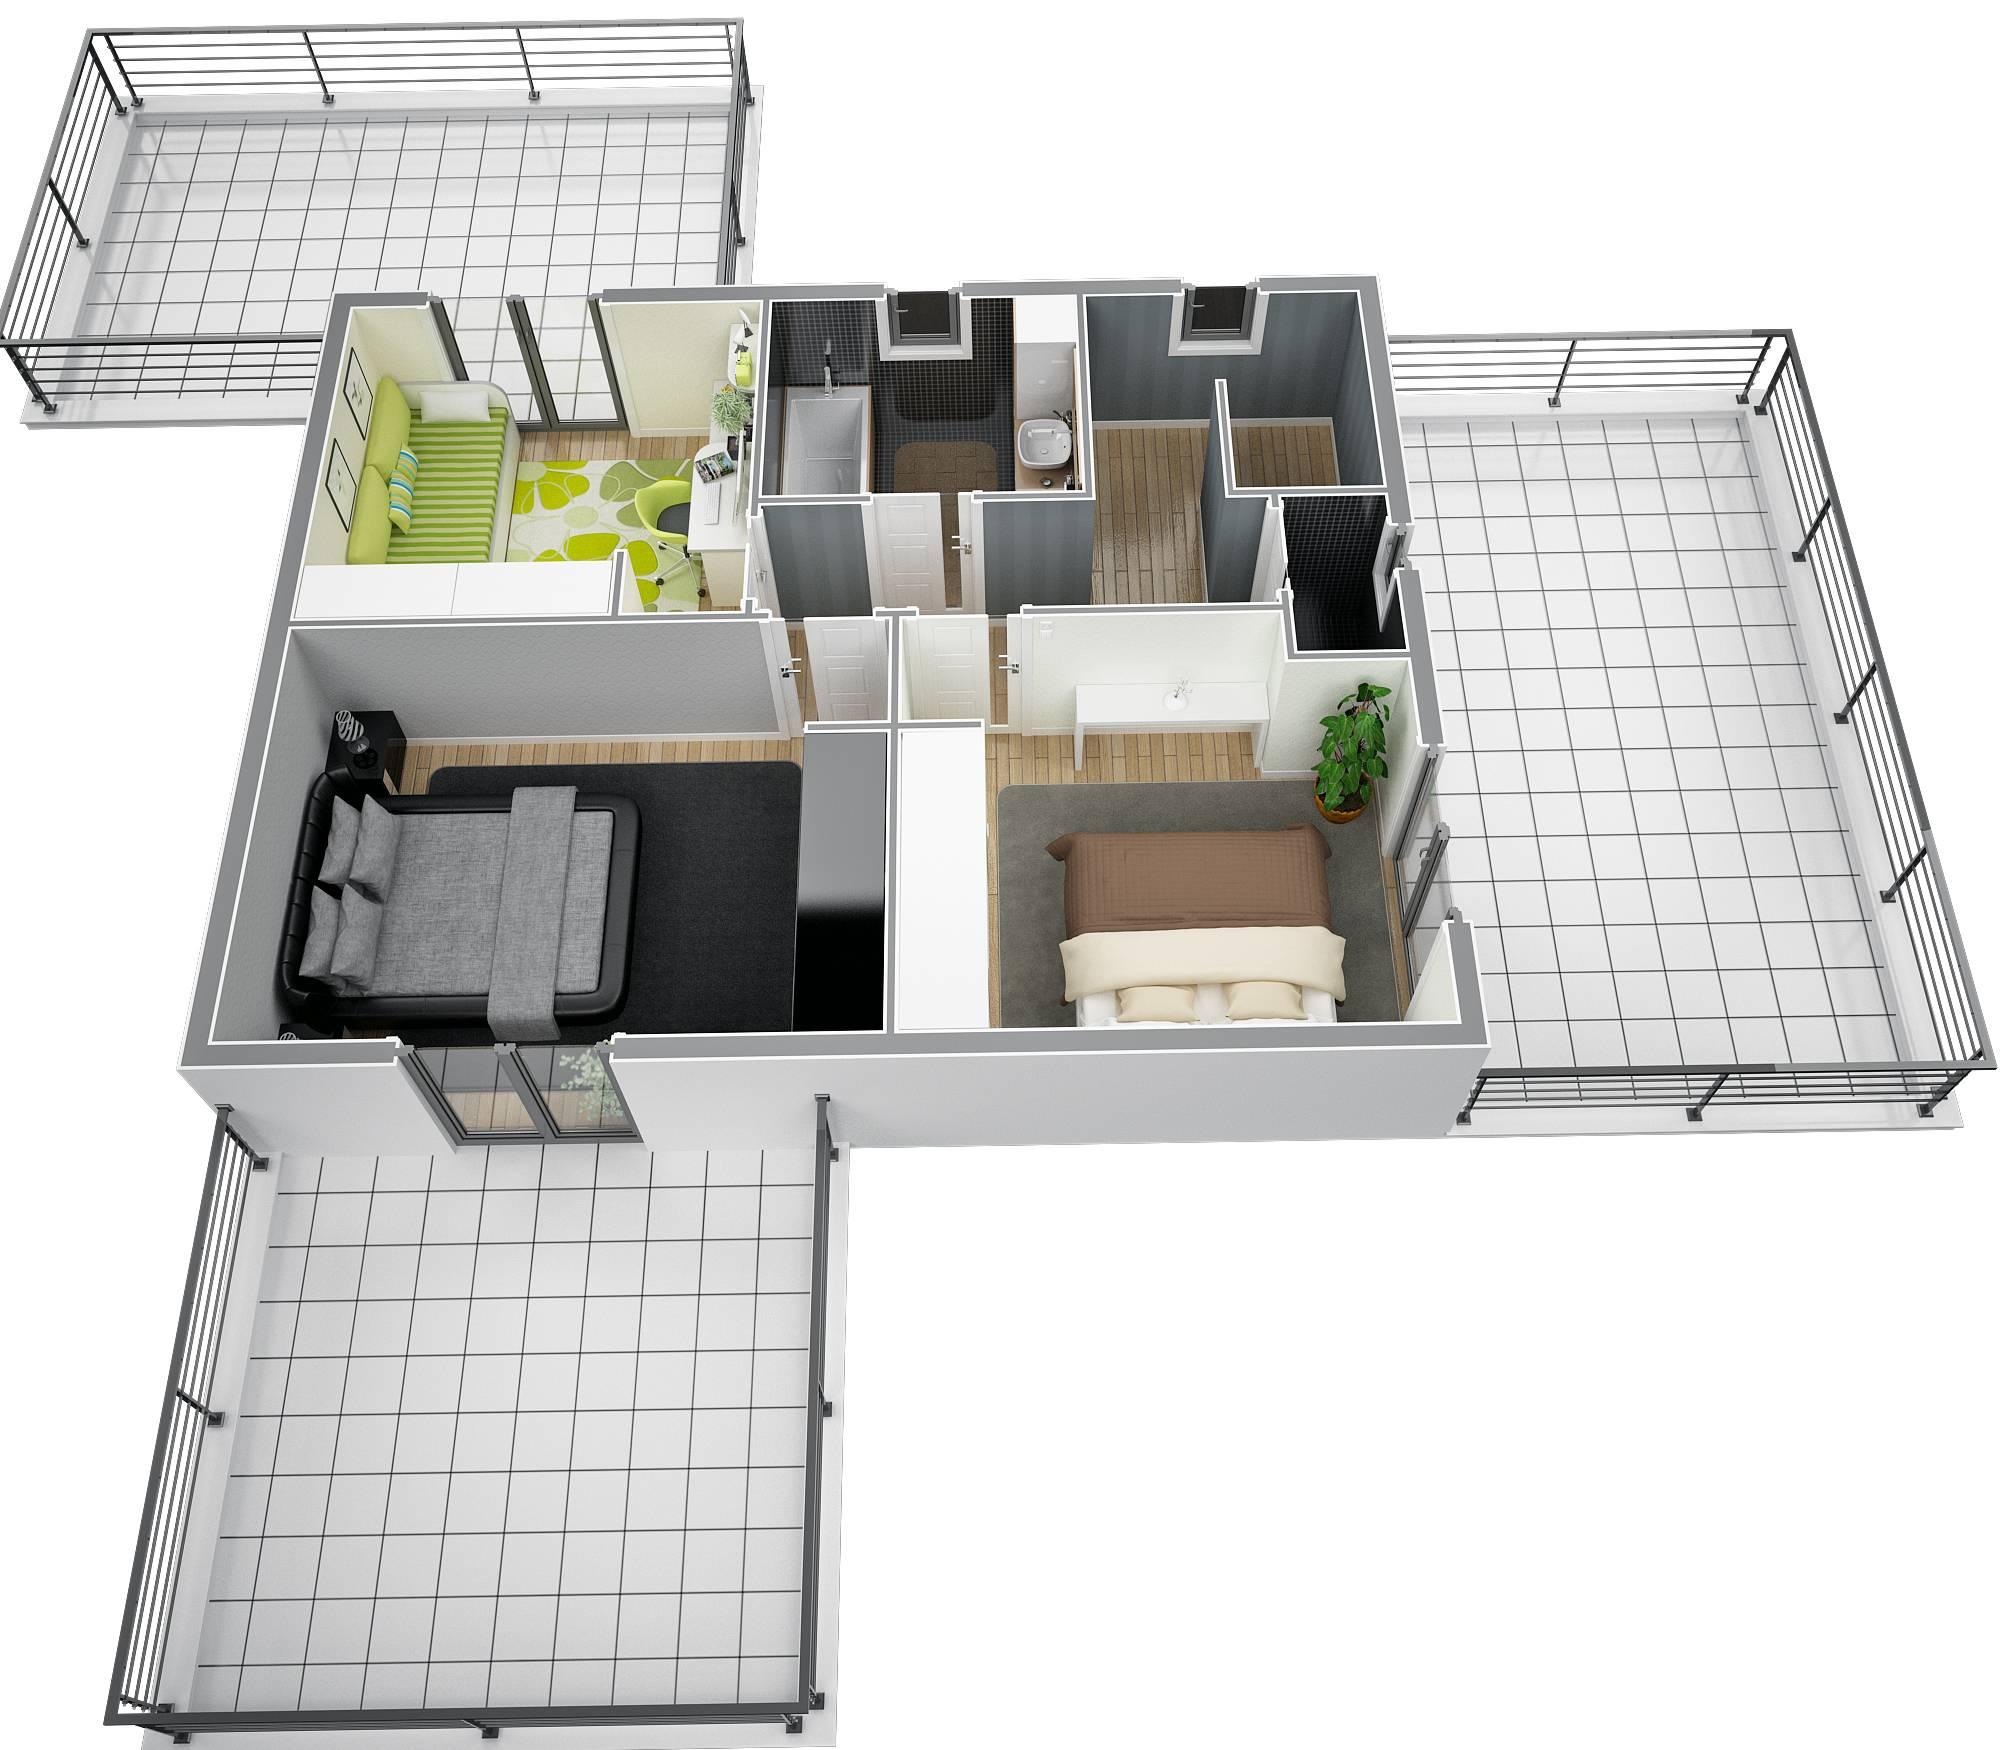 Plan de maison de 130m2 a etage id es de travaux - Maison de 130m2 ...